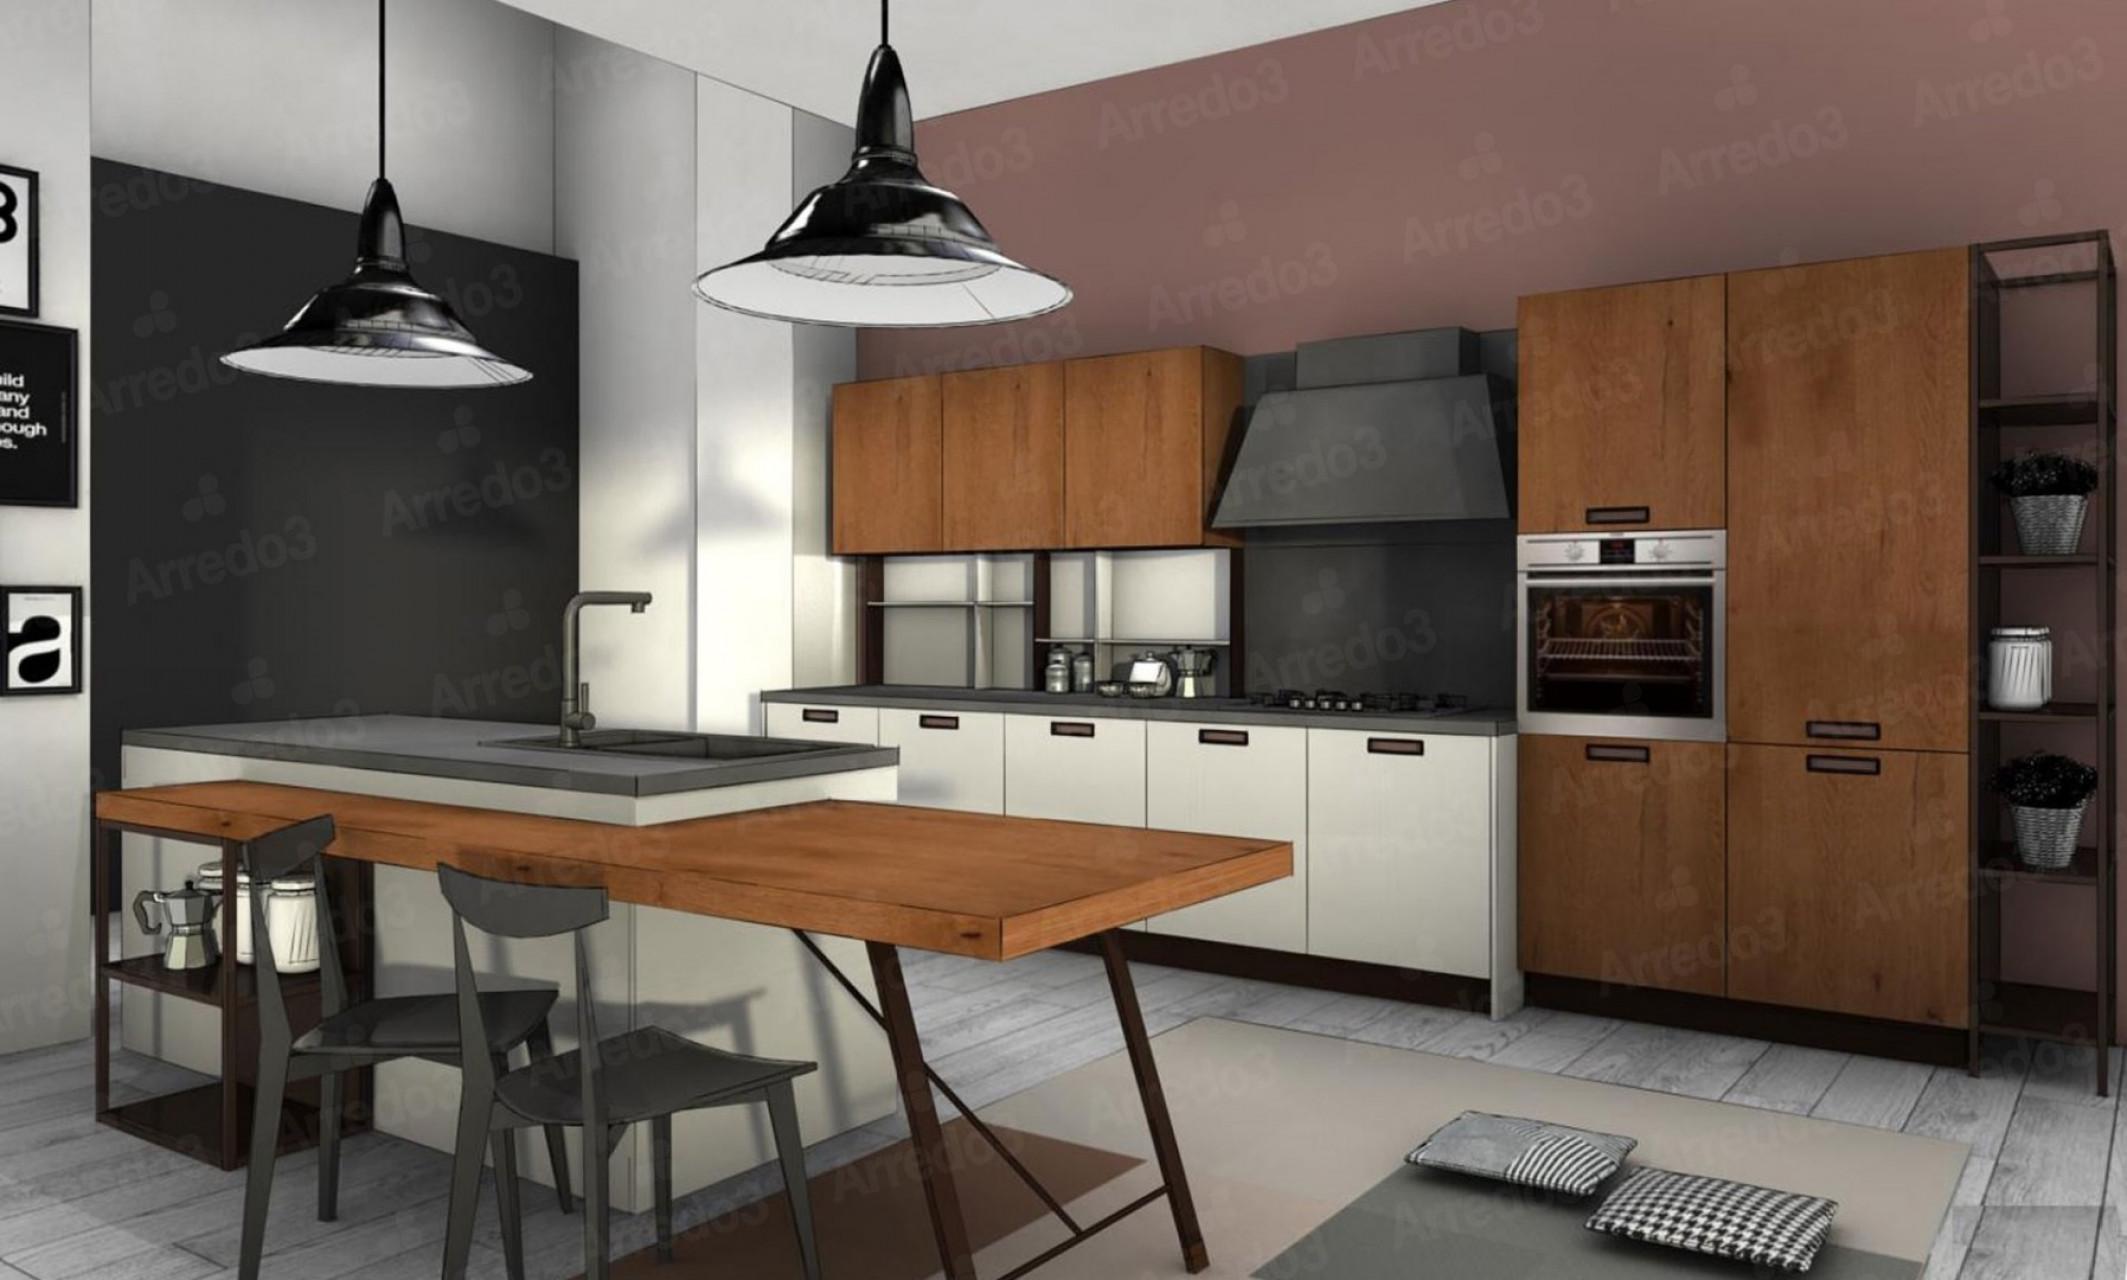 Итальянская Кухня TIME IM06 | Цена на Кухня TIME IM06 ARREDO3